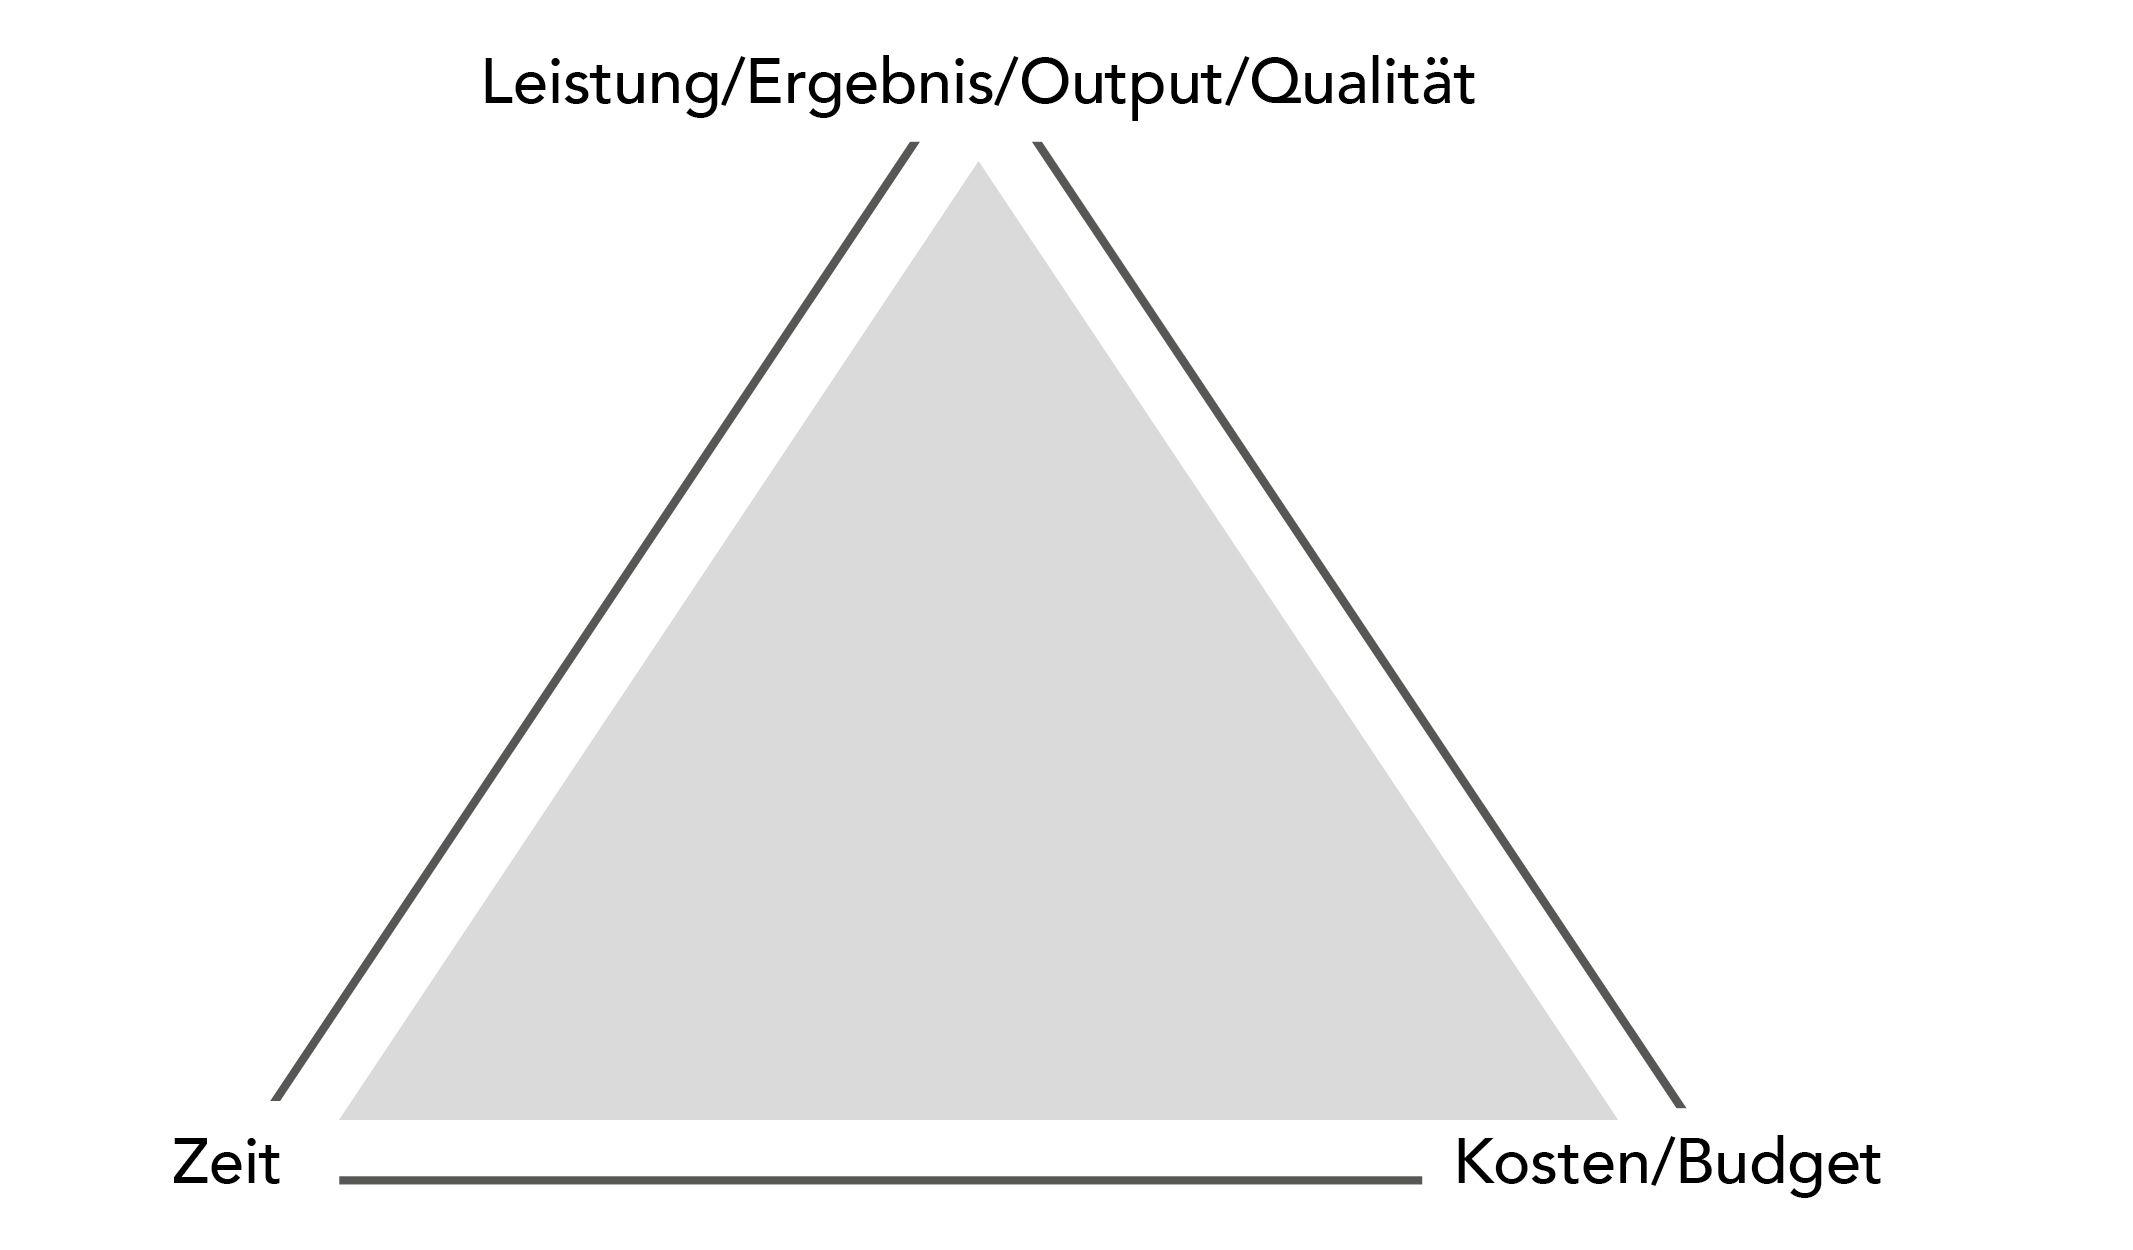 Das magische Projektmanagement Dreieck – Verschiebungen auf allen Ebenen erkennen